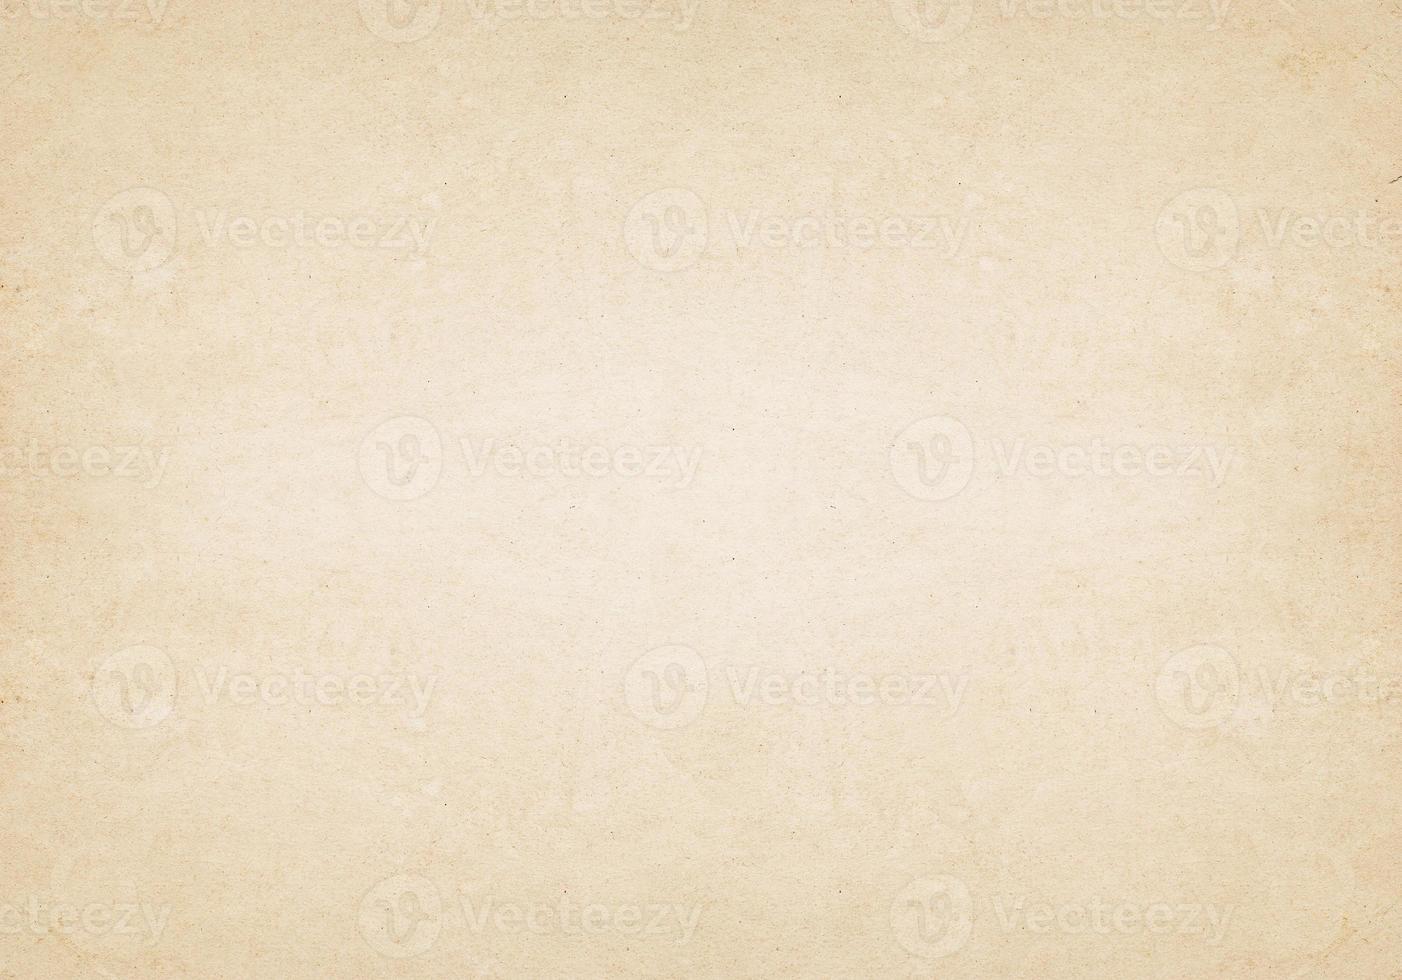 alter Papierhintergrund foto